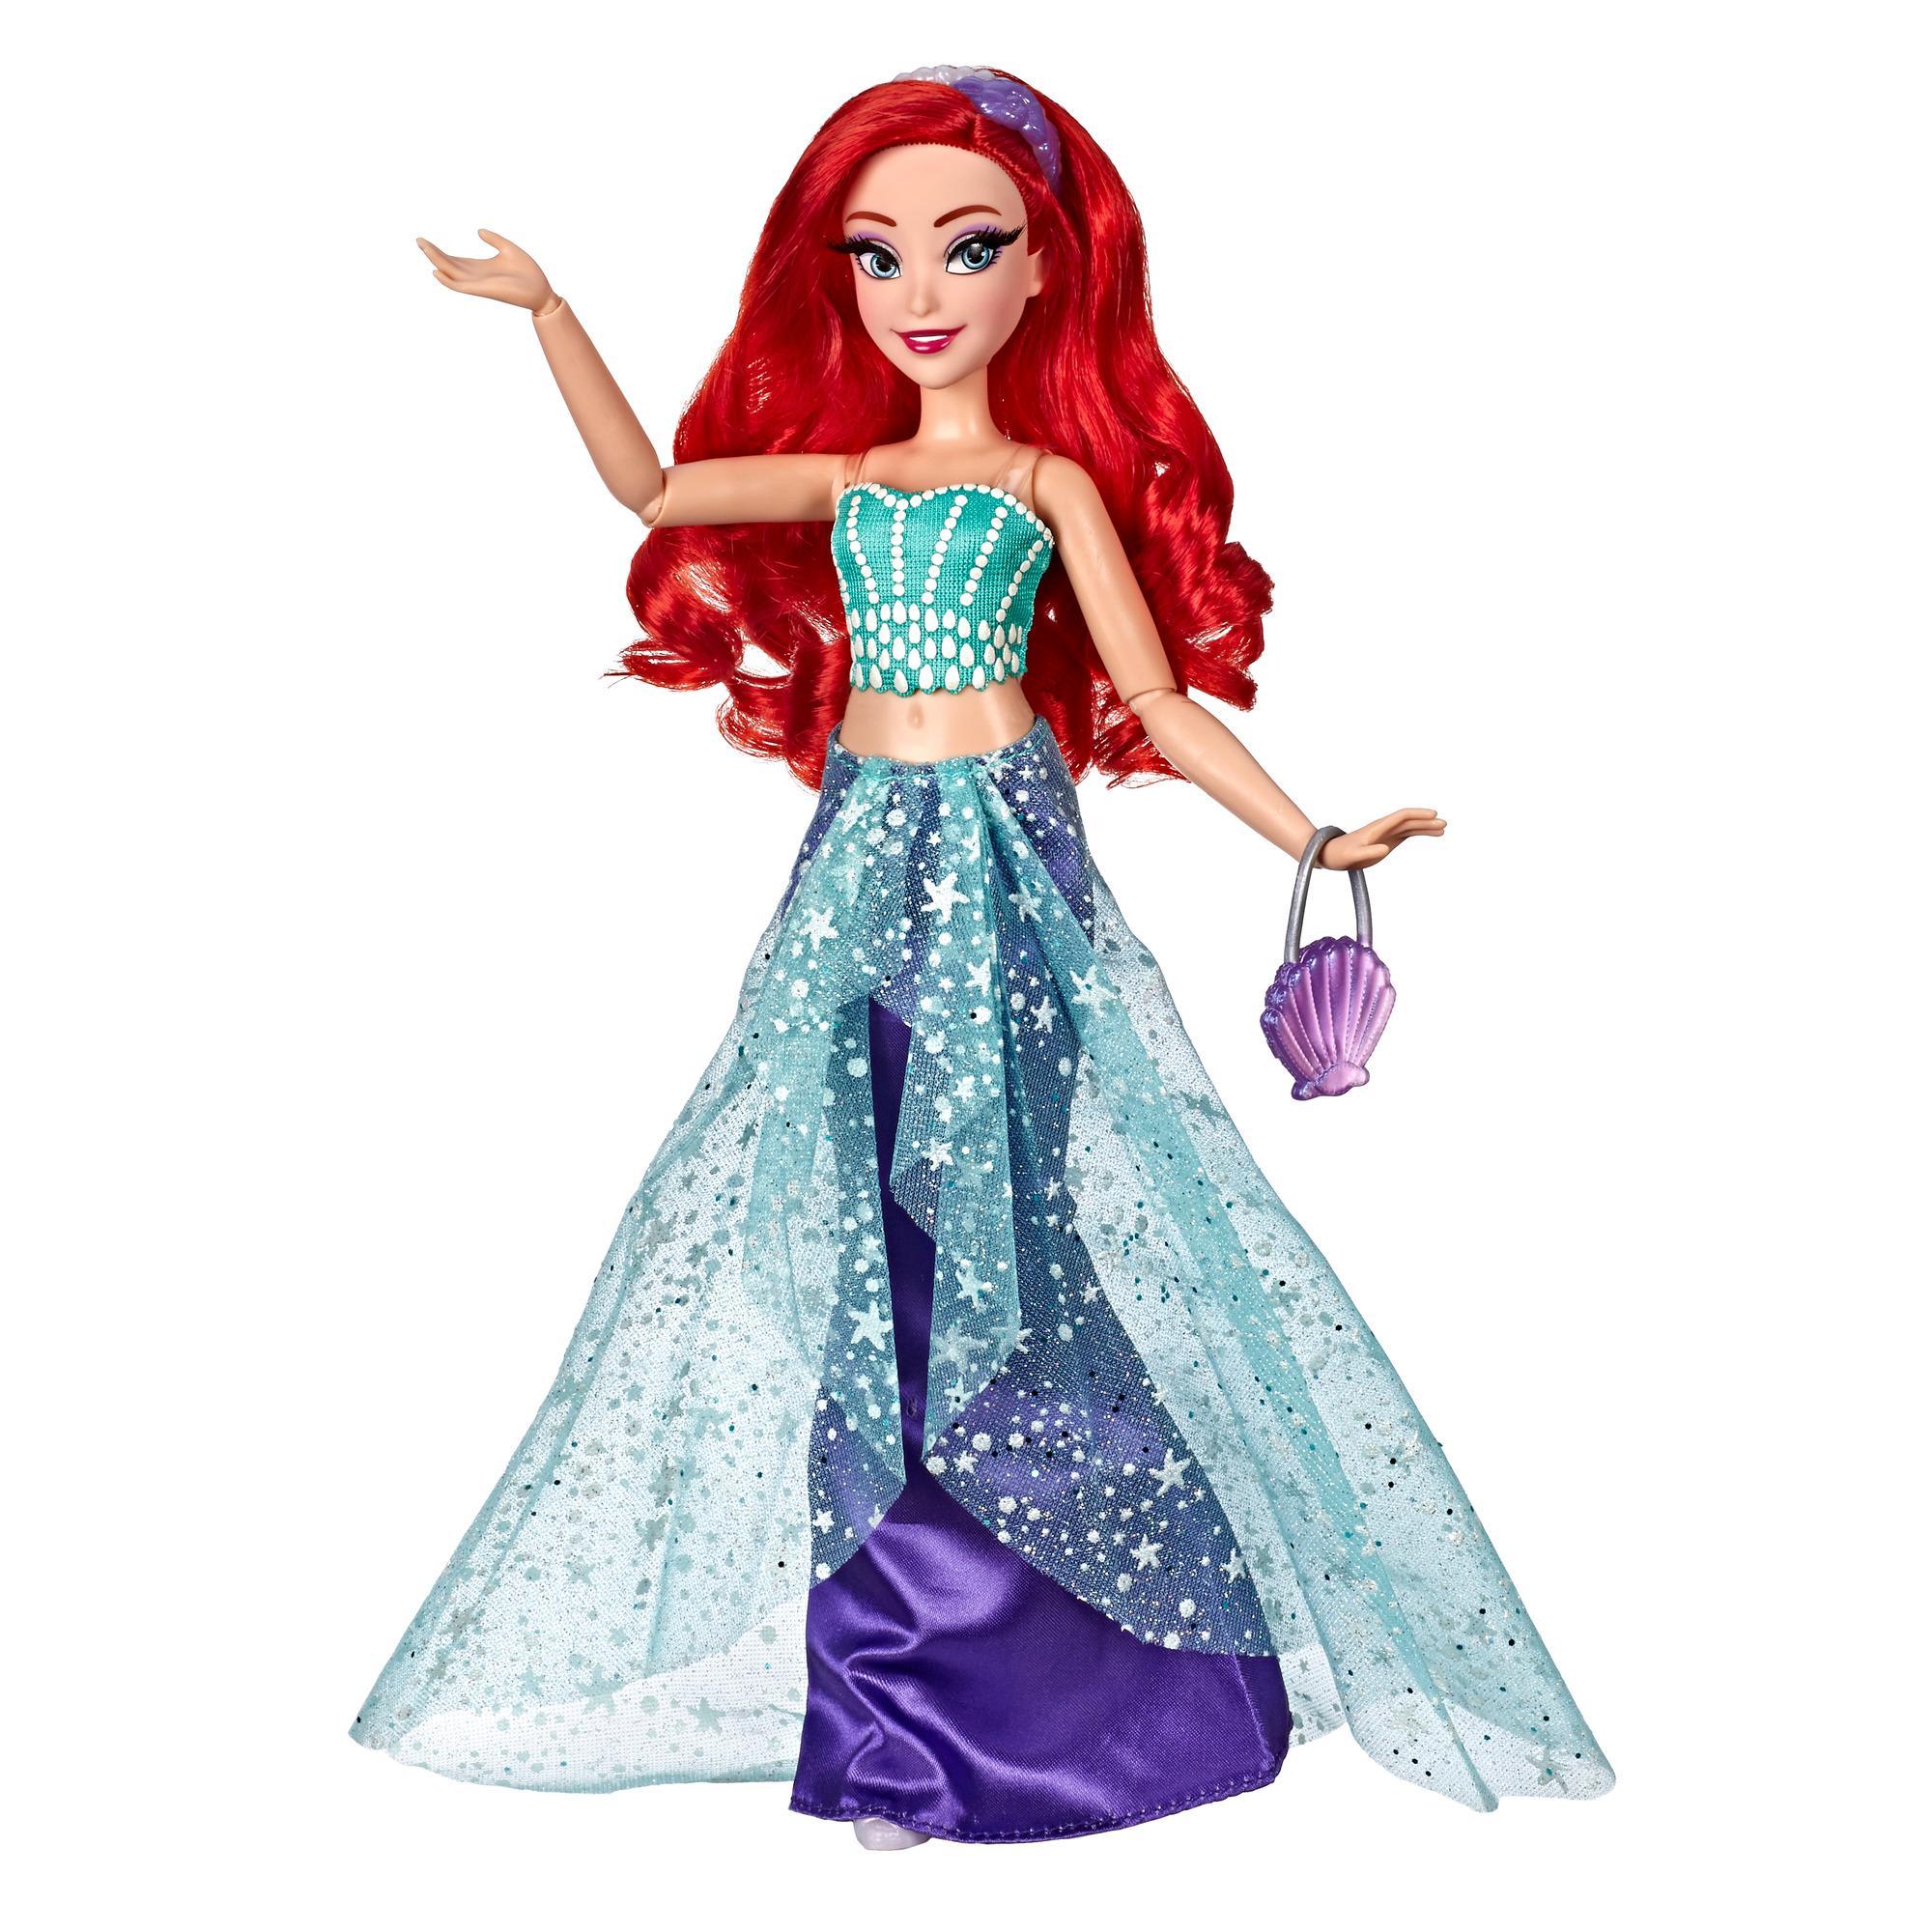 Disney Prinzessin Style Serie - Arielle Puppe in modernem Look mit Tasche und Schuhen